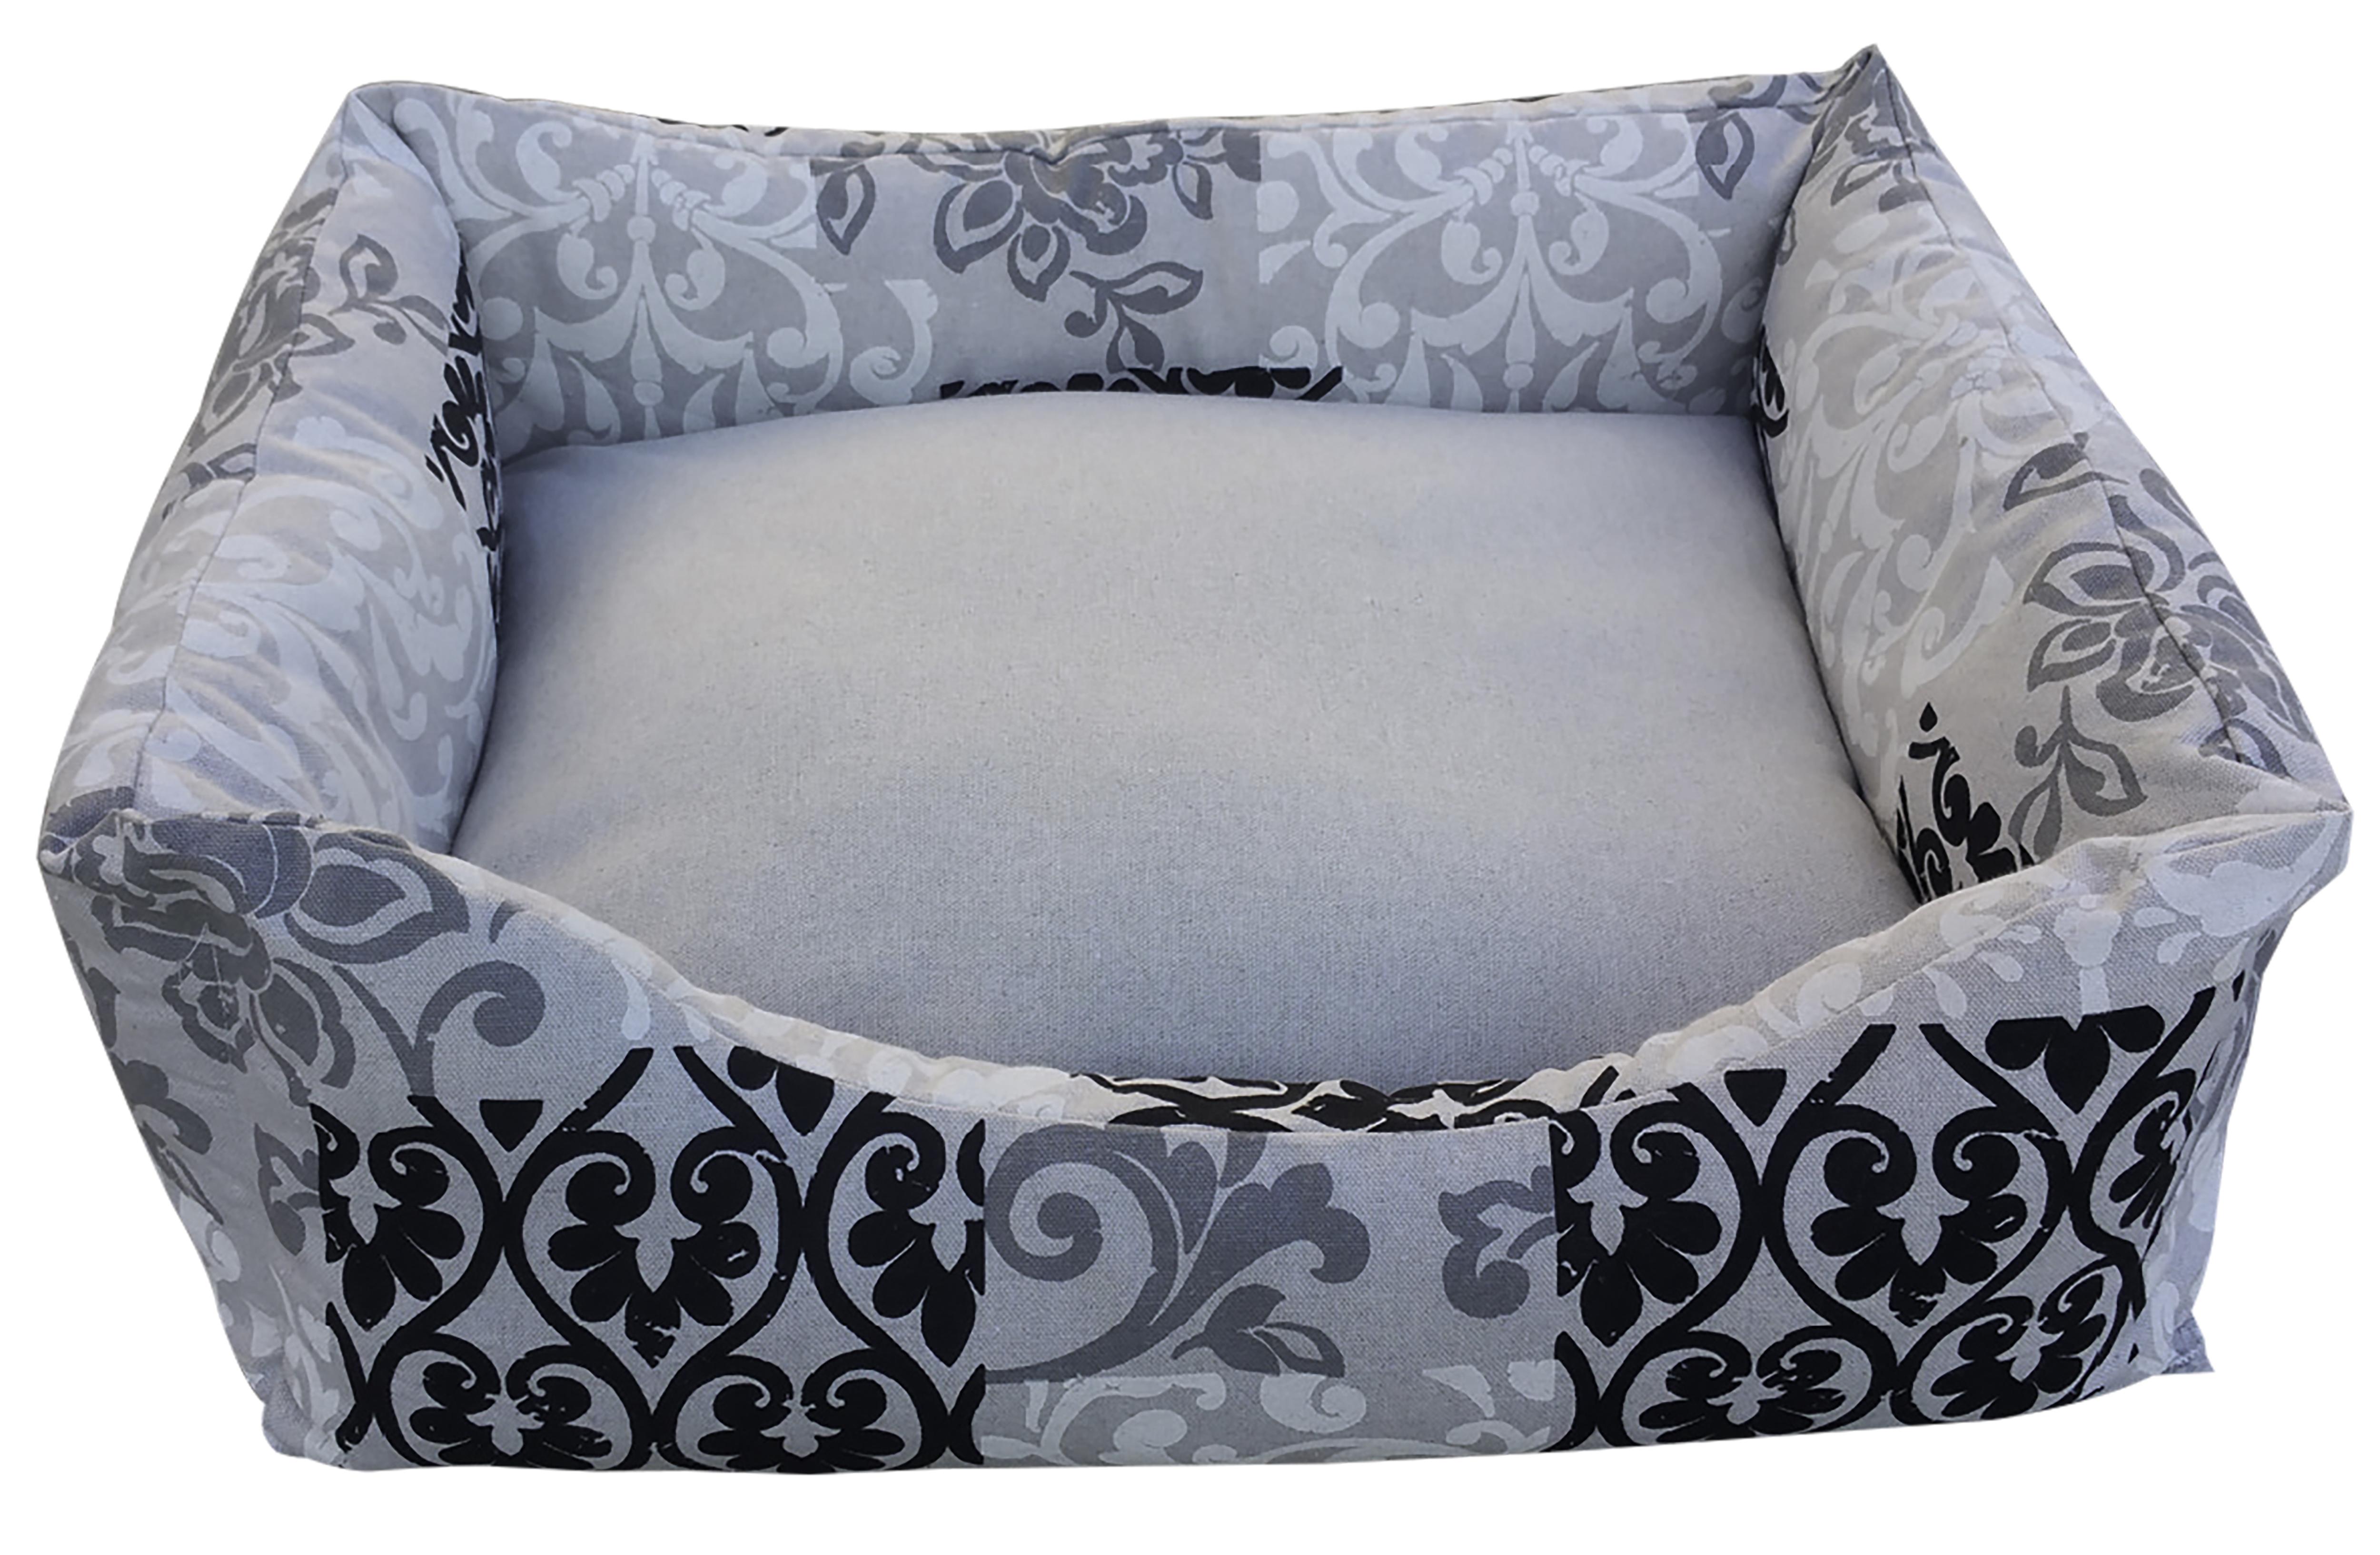 CESTA LIVING BLOBBER Cuccia per cani e gatti cesta cuscino materassino impermeabile sfoderabile lavabile traspirante antimuffa antiscivolo